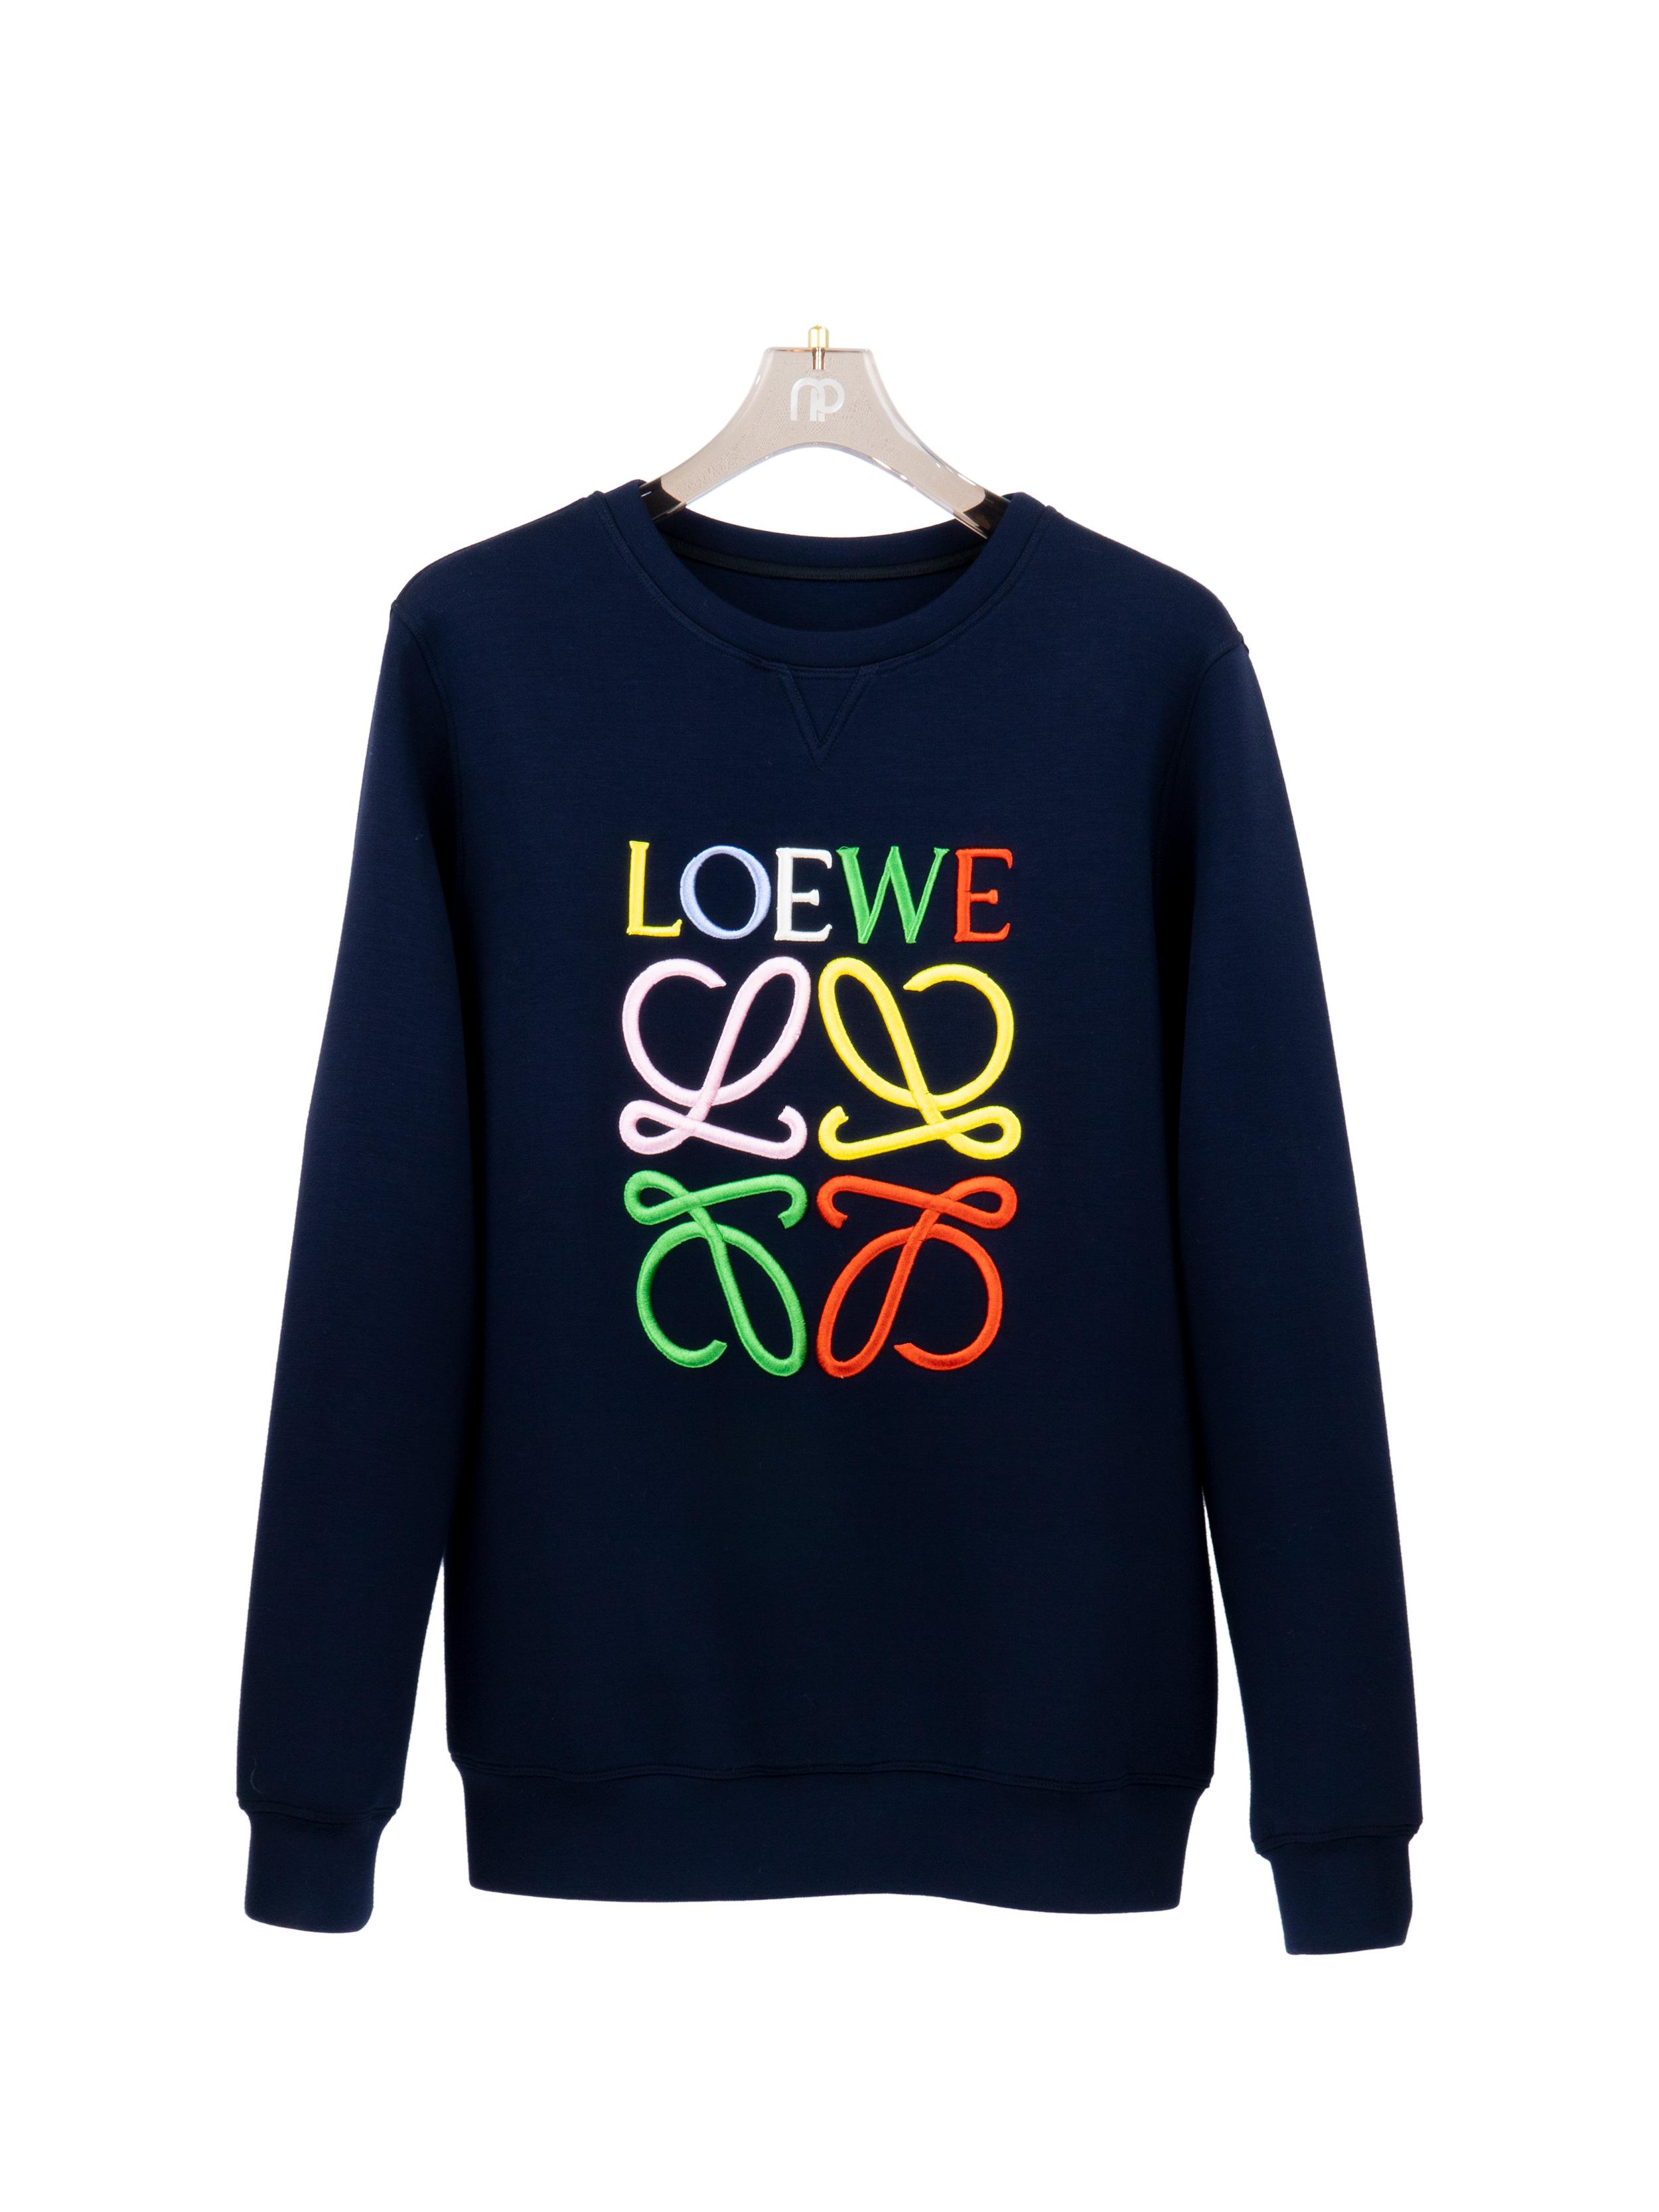 Sweatshirt logo thêu màu